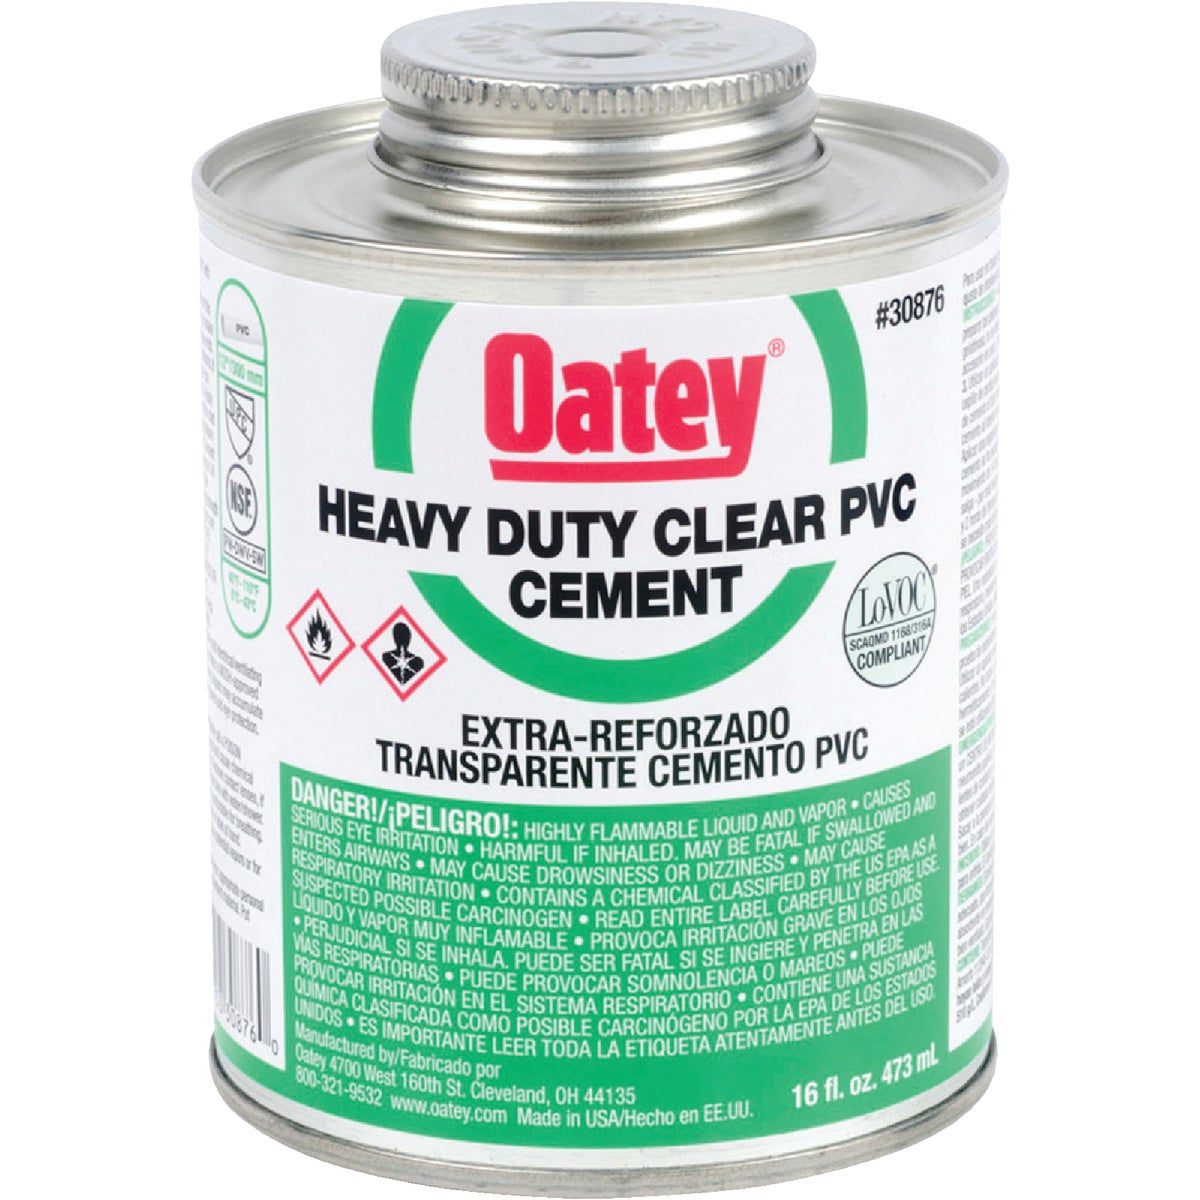 Oatey PINT H/DUTY PVC CEMENT 30876